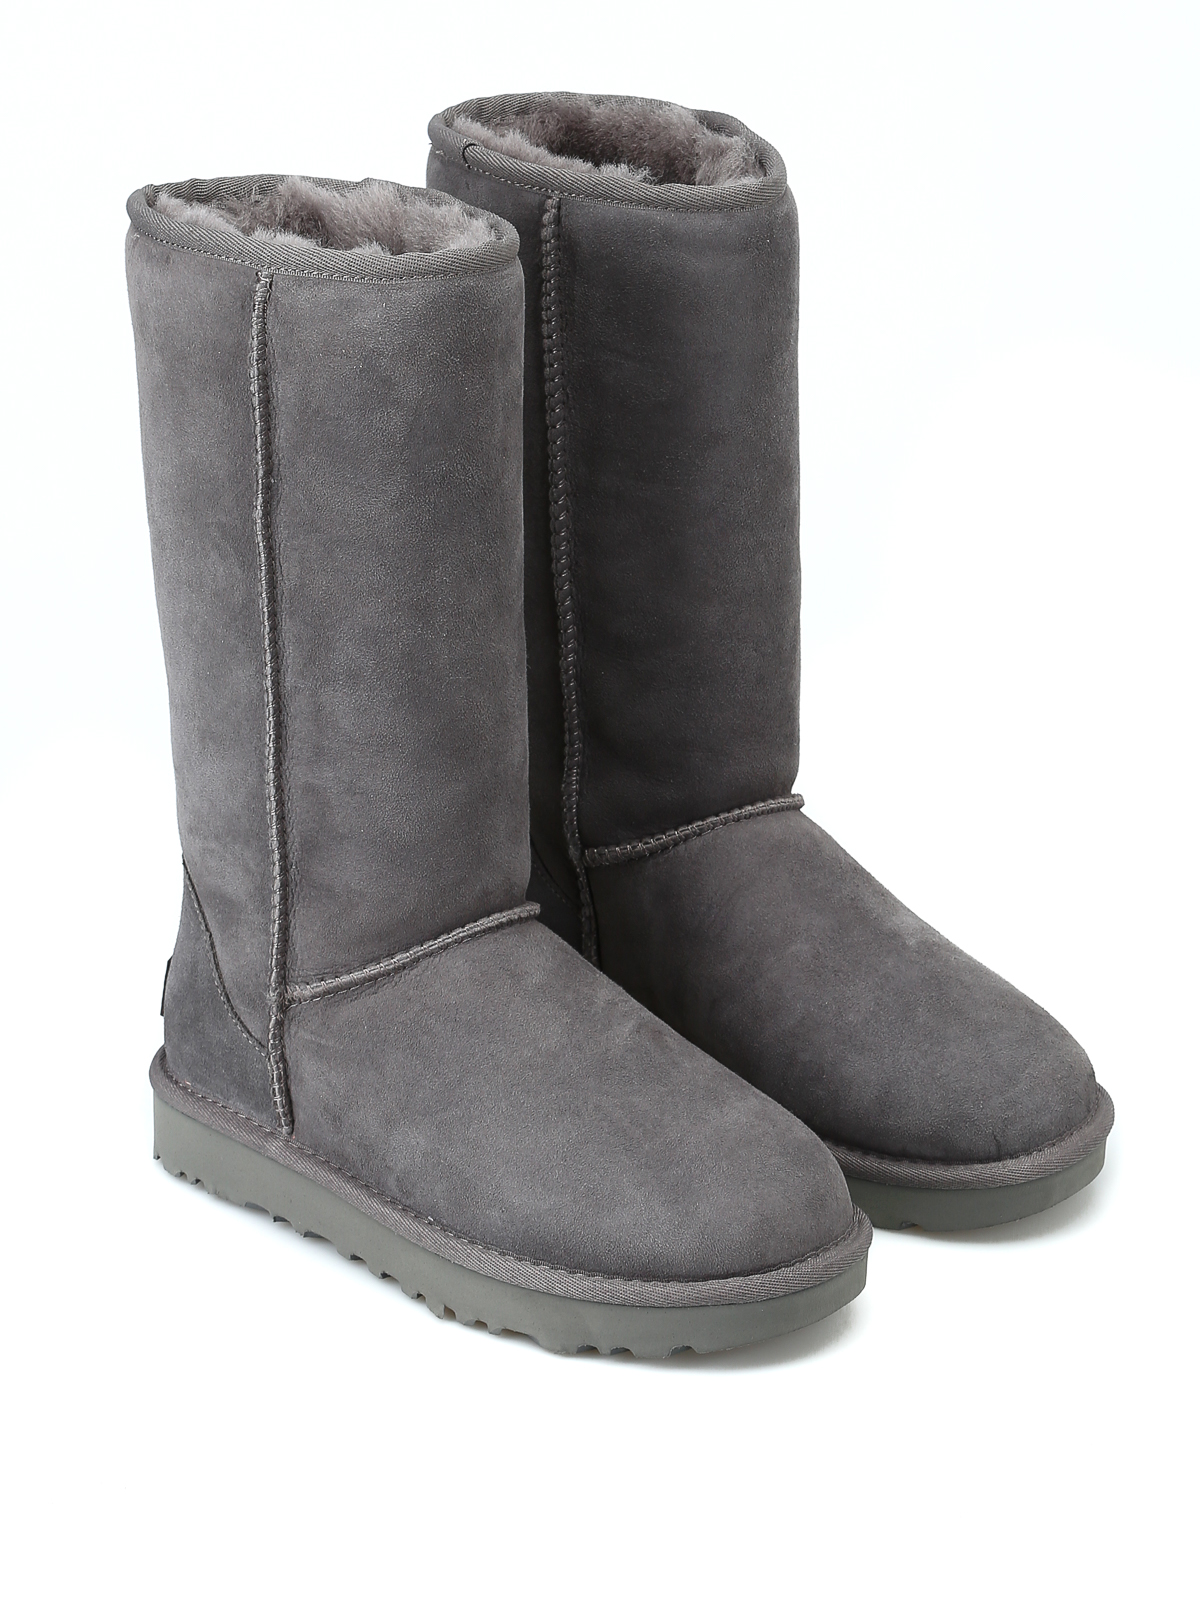 ugg classic tall ii grey boots boots 1016224 w grey ikrix com rh ikrix com